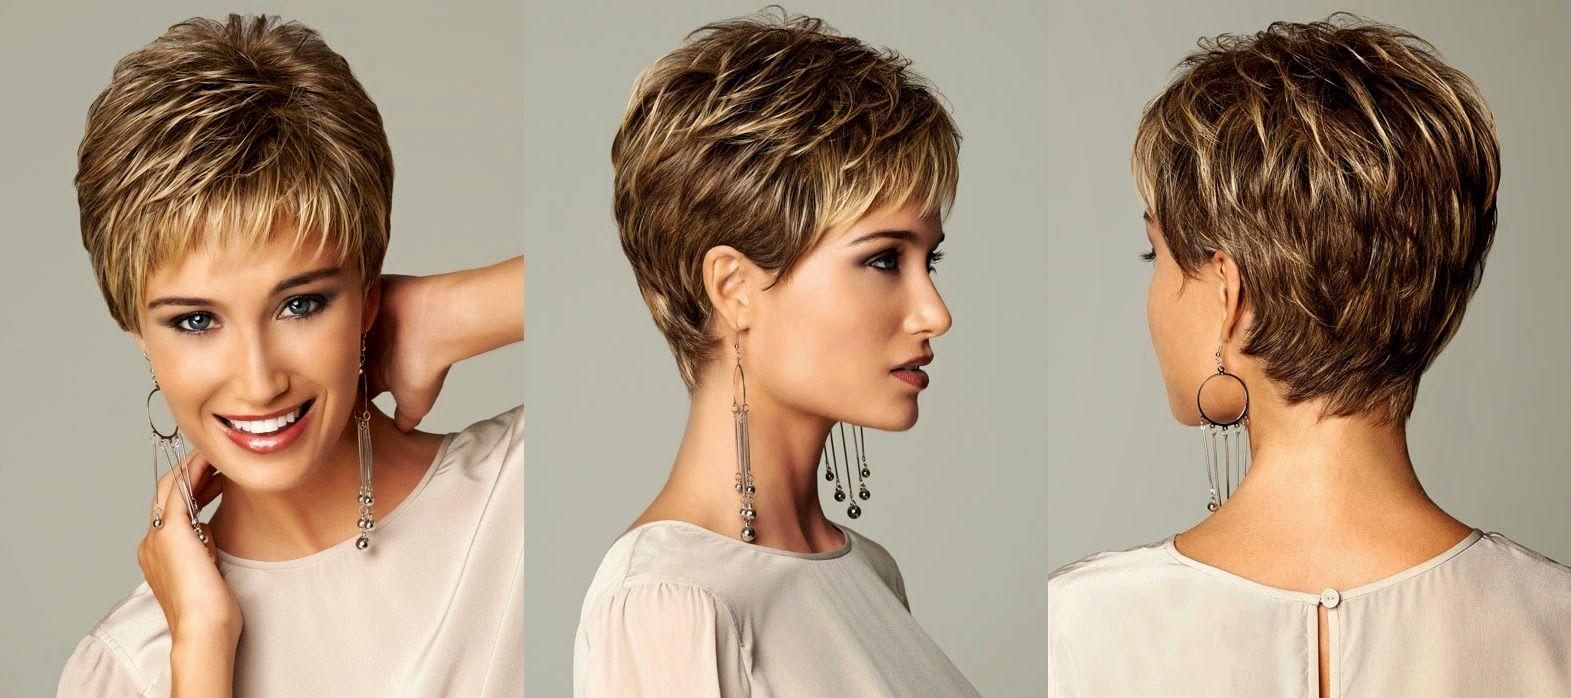 new imagens de corte de cabelo curto imagem-Unique Imagens De Corte De Cabelo Curto Ideias